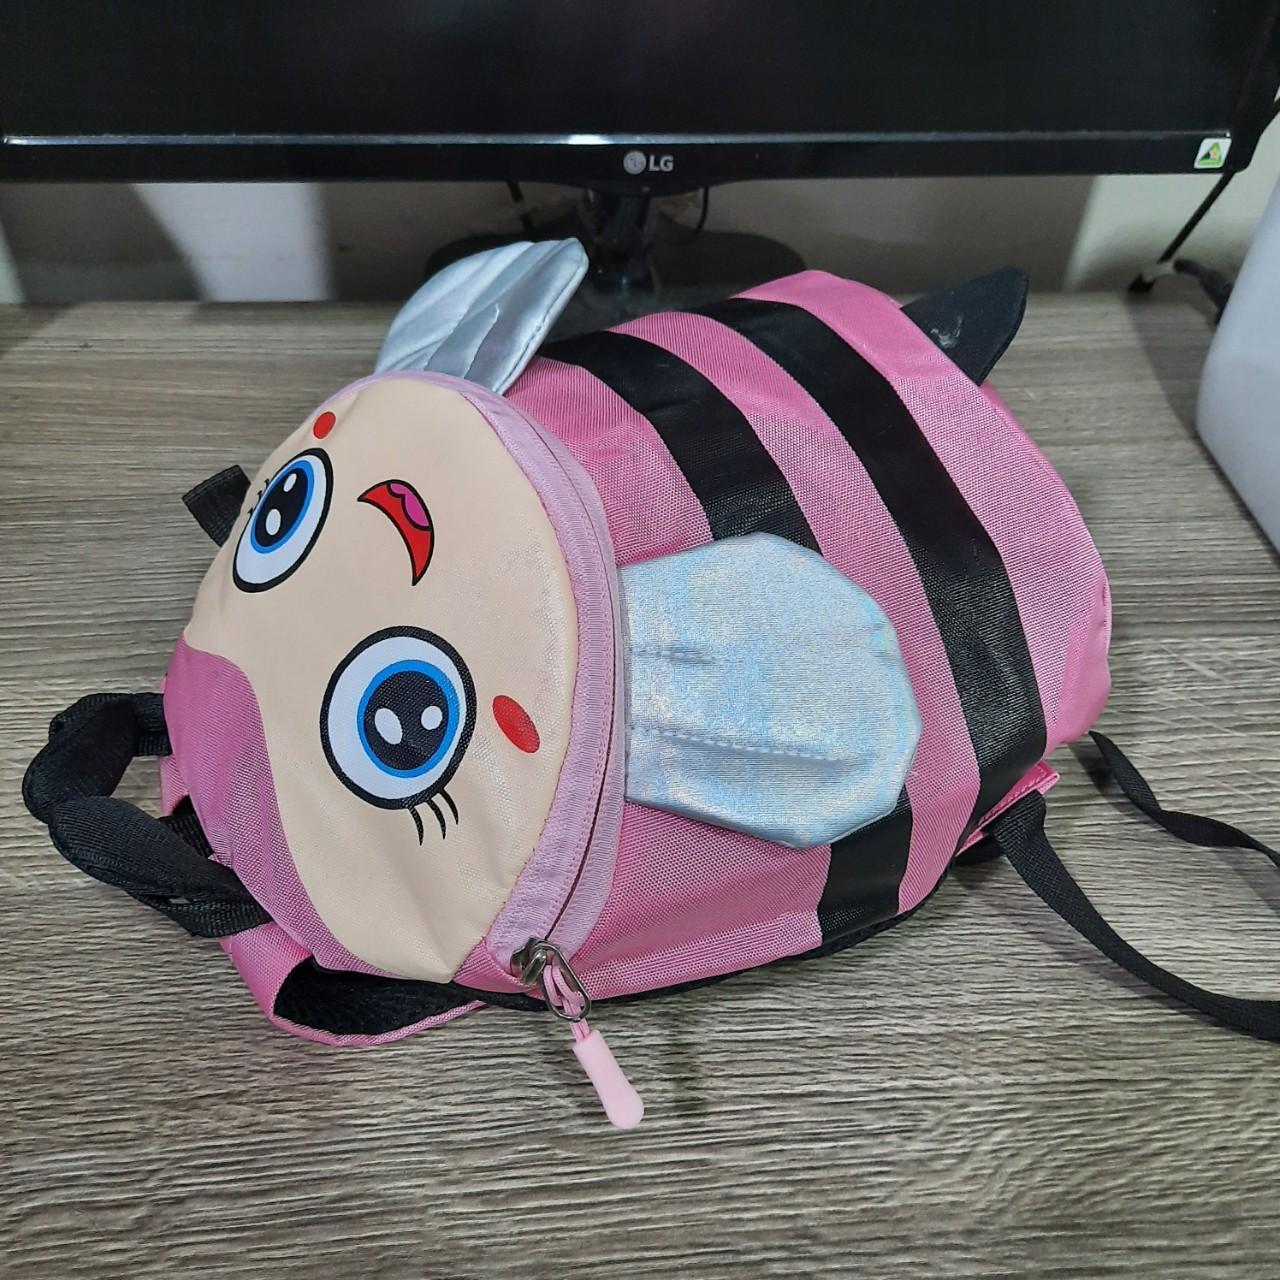 Balo cho trẻ em đi học mẫu giáo cao cấp OBDT00 thời trang (shalla chuyên sỉ)